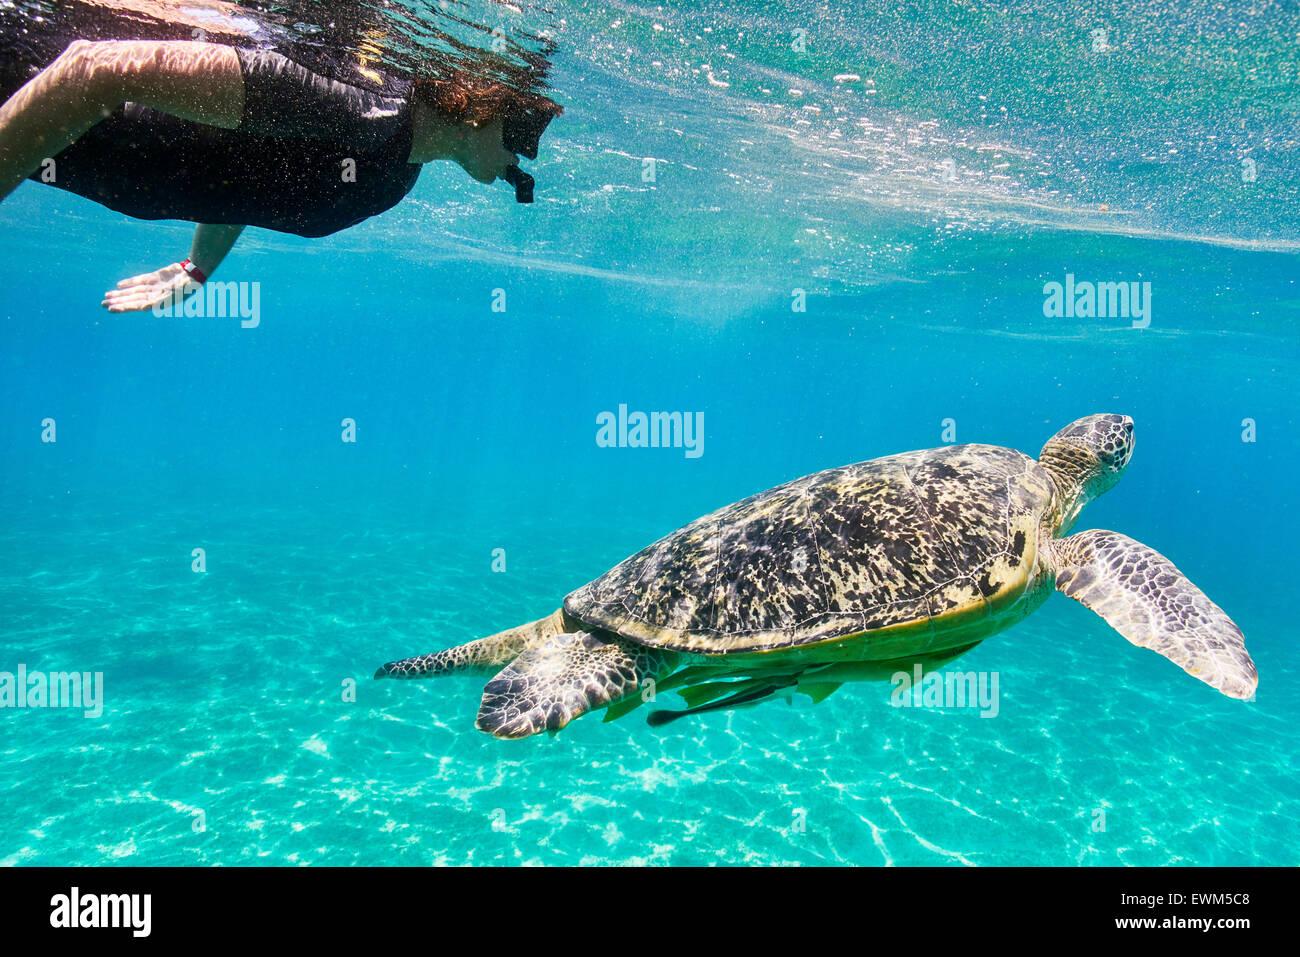 Marsa Alam - donna snorkeling vicino alla tartaruga di mare, Mar Rosso, Egitto Immagini Stock